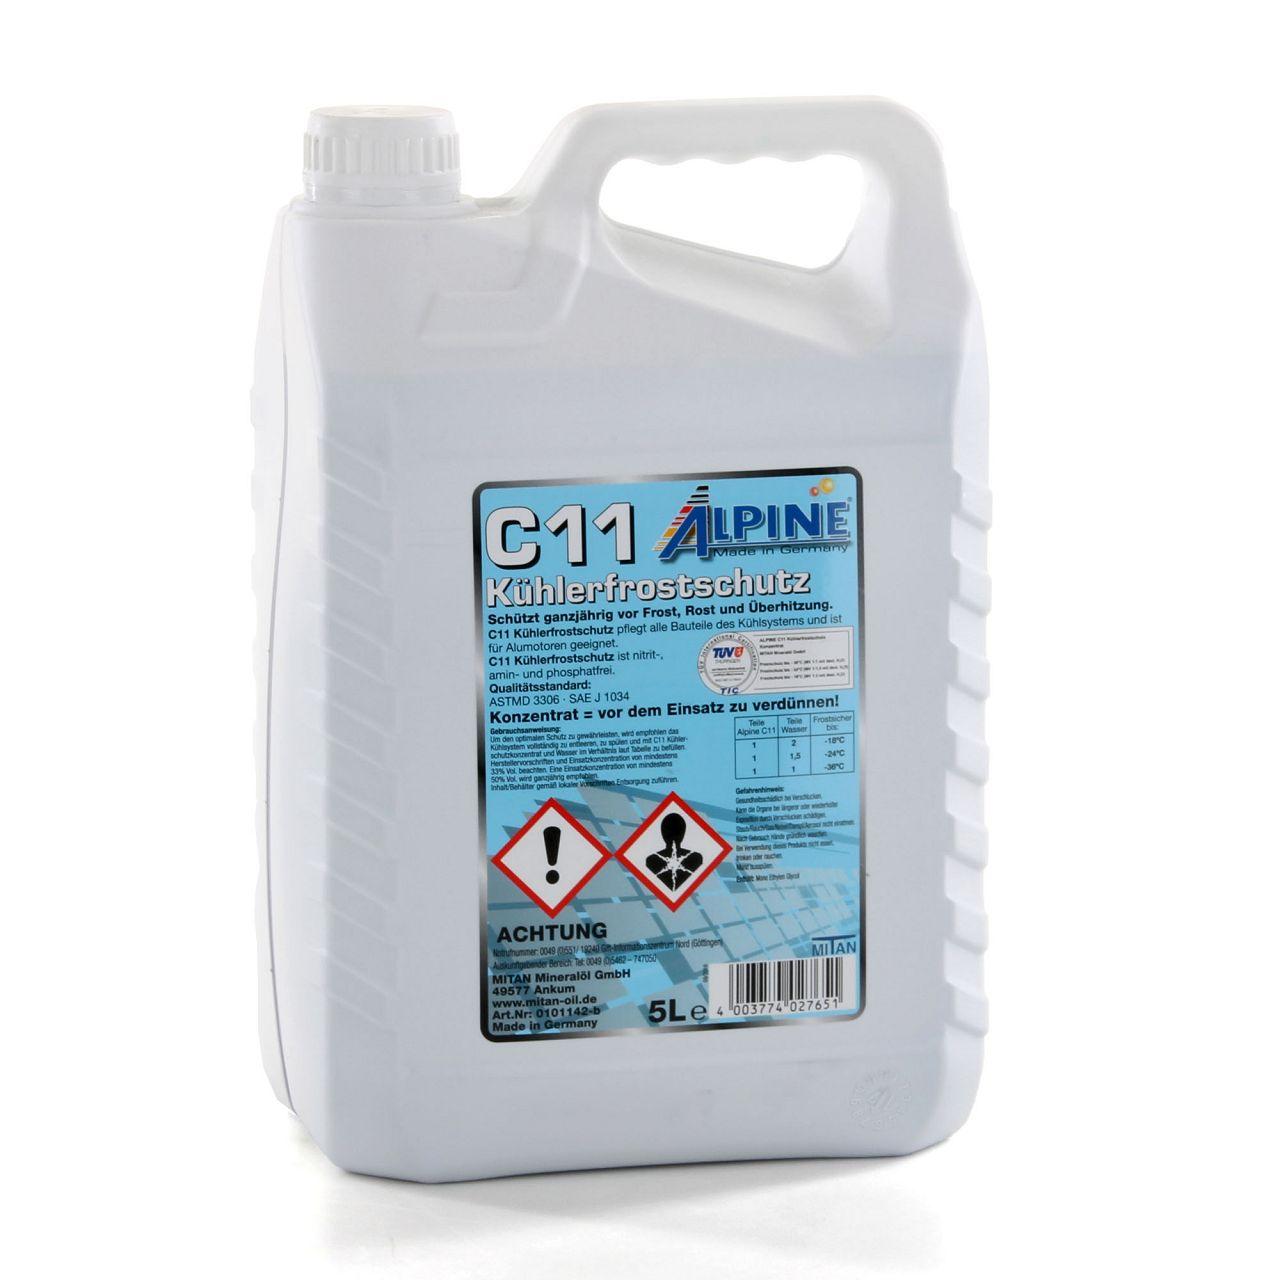 ALPINE Frostschutz Kühler Kühlerfrostschutz Konzentrat 5L C11 G11 BLAU